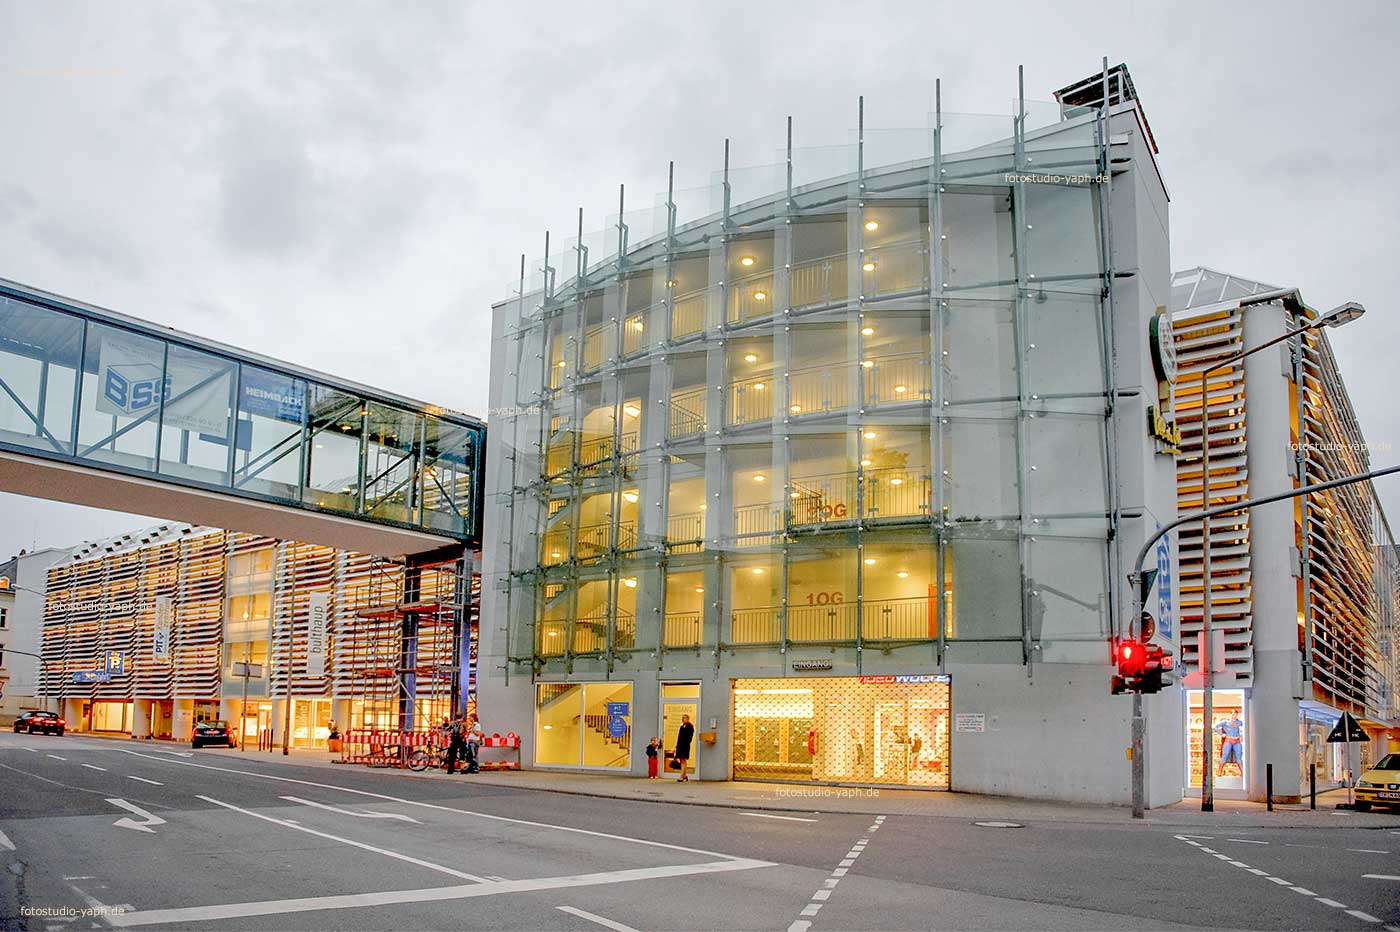 Architektur- und Immobilienfotografie Parkhaus Zuckerbergstrasse aufnahme von Yaph - Fotograf für Architektur in Trier.